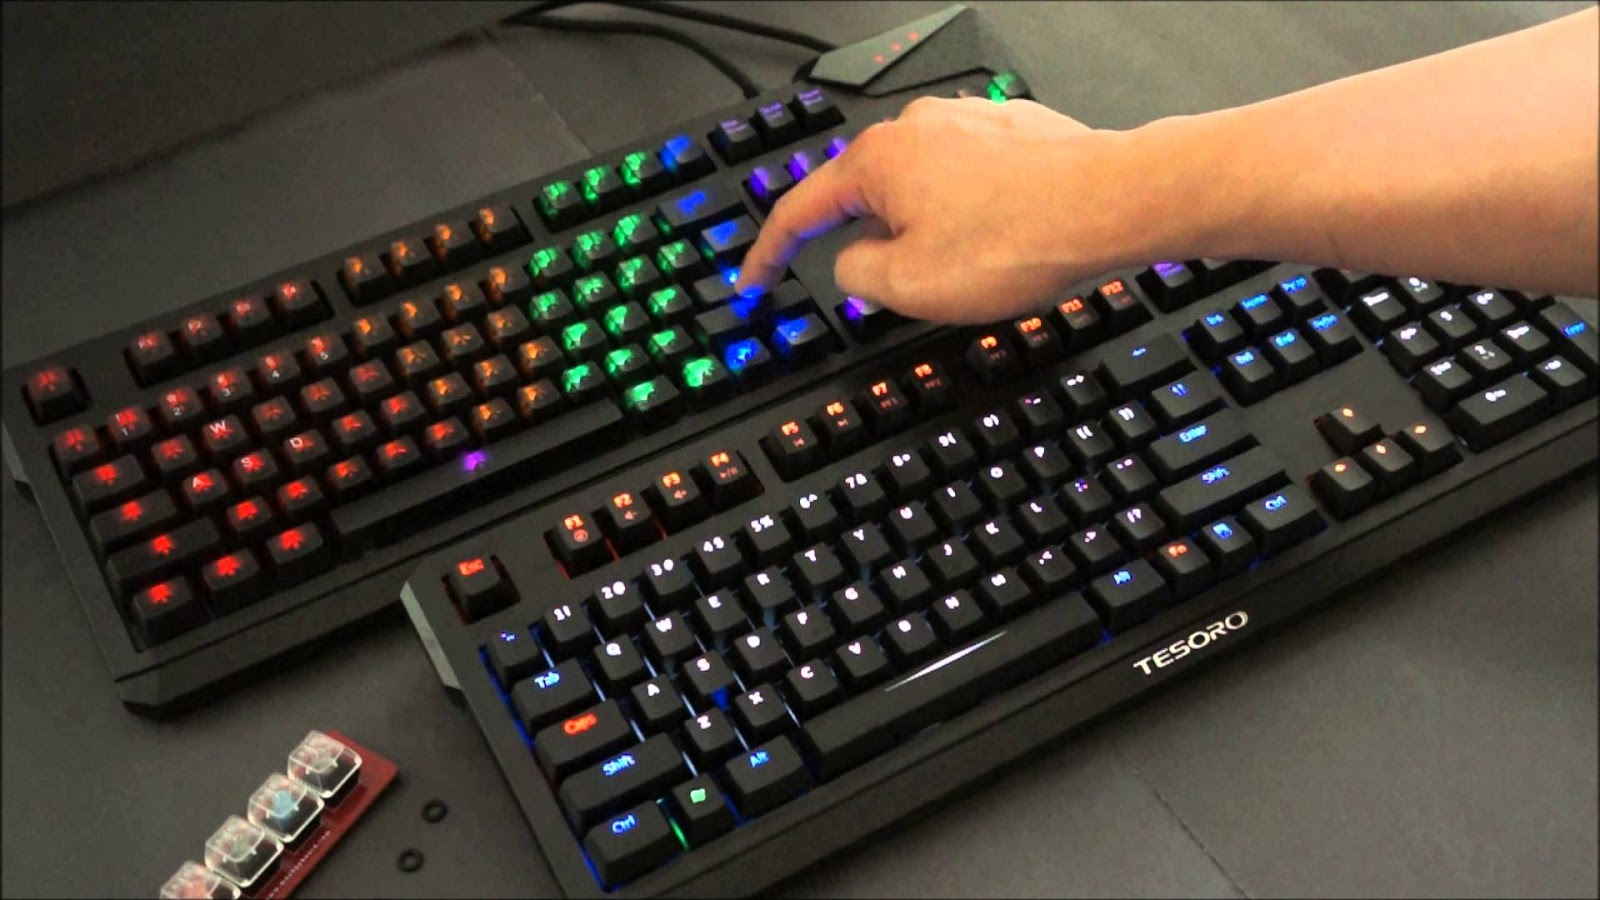 Keyboard Gaming 2017 Rexus K1 Backlight Dengan Individual Switch Di Masing Tombol Yang Bisa Kita Pilih Sendiri Karakternya Mechanical Menjadi Lebih Customizable Apa